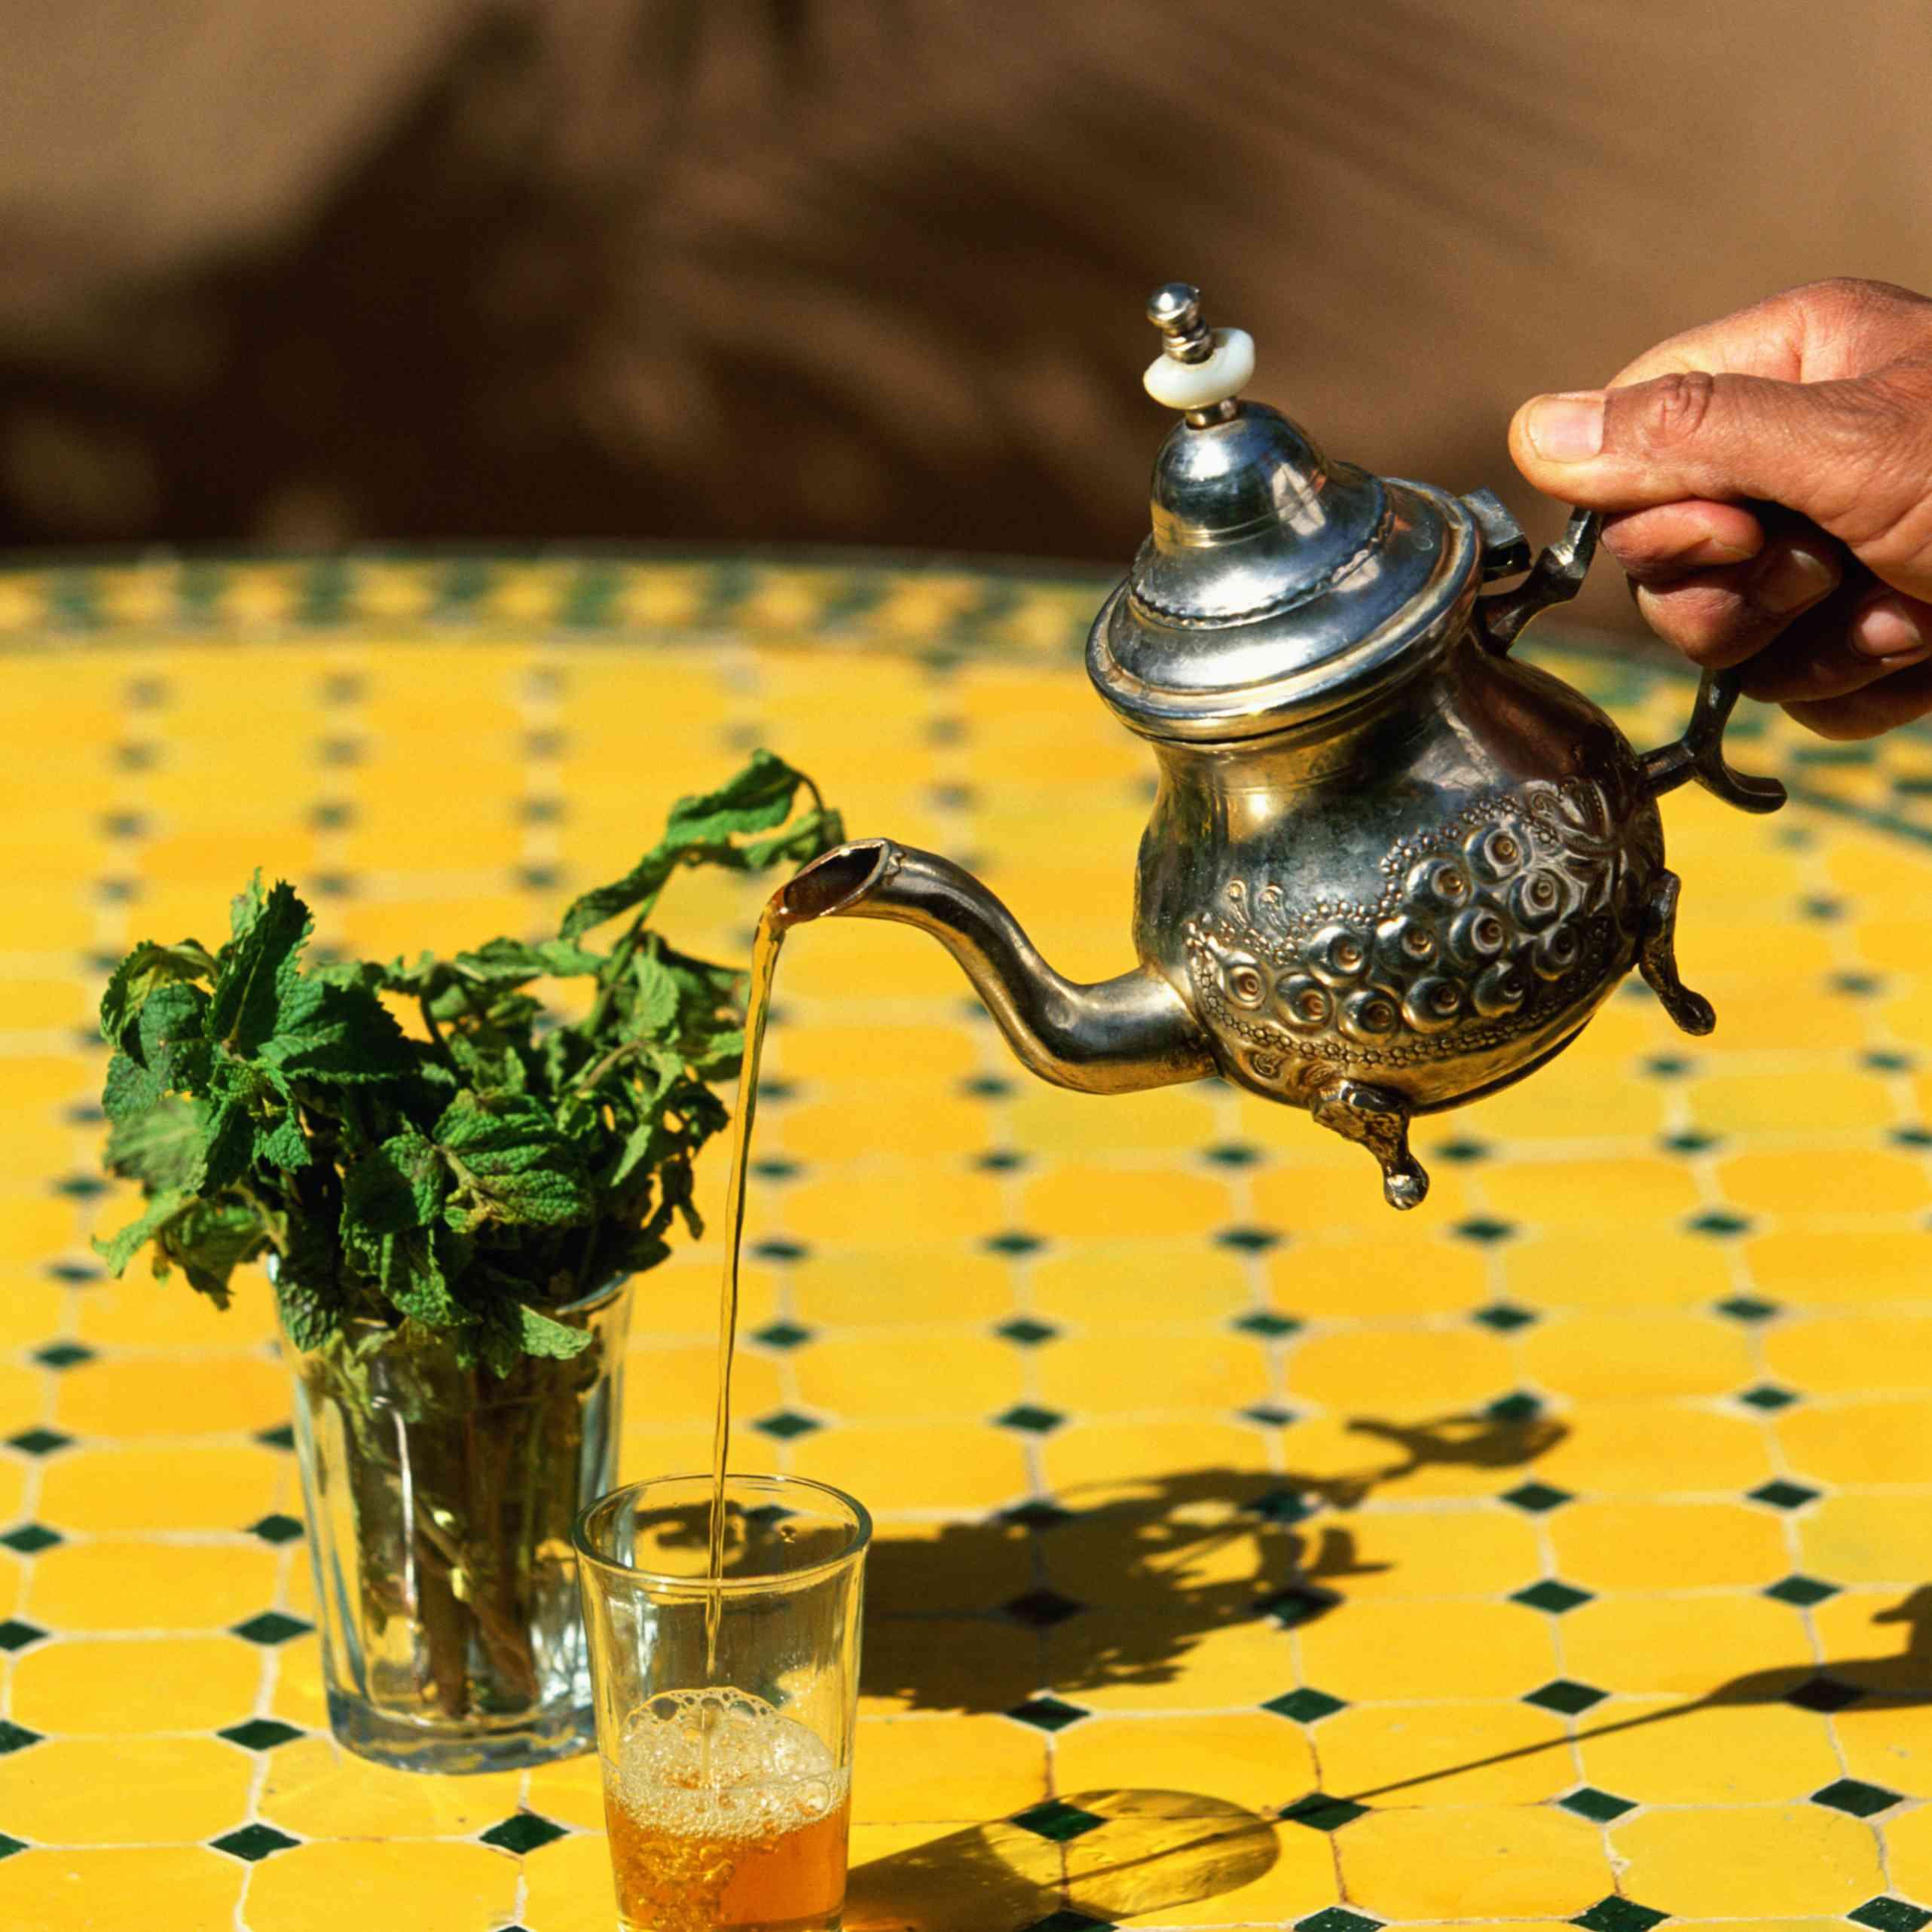 Pouring Moroccan Tea